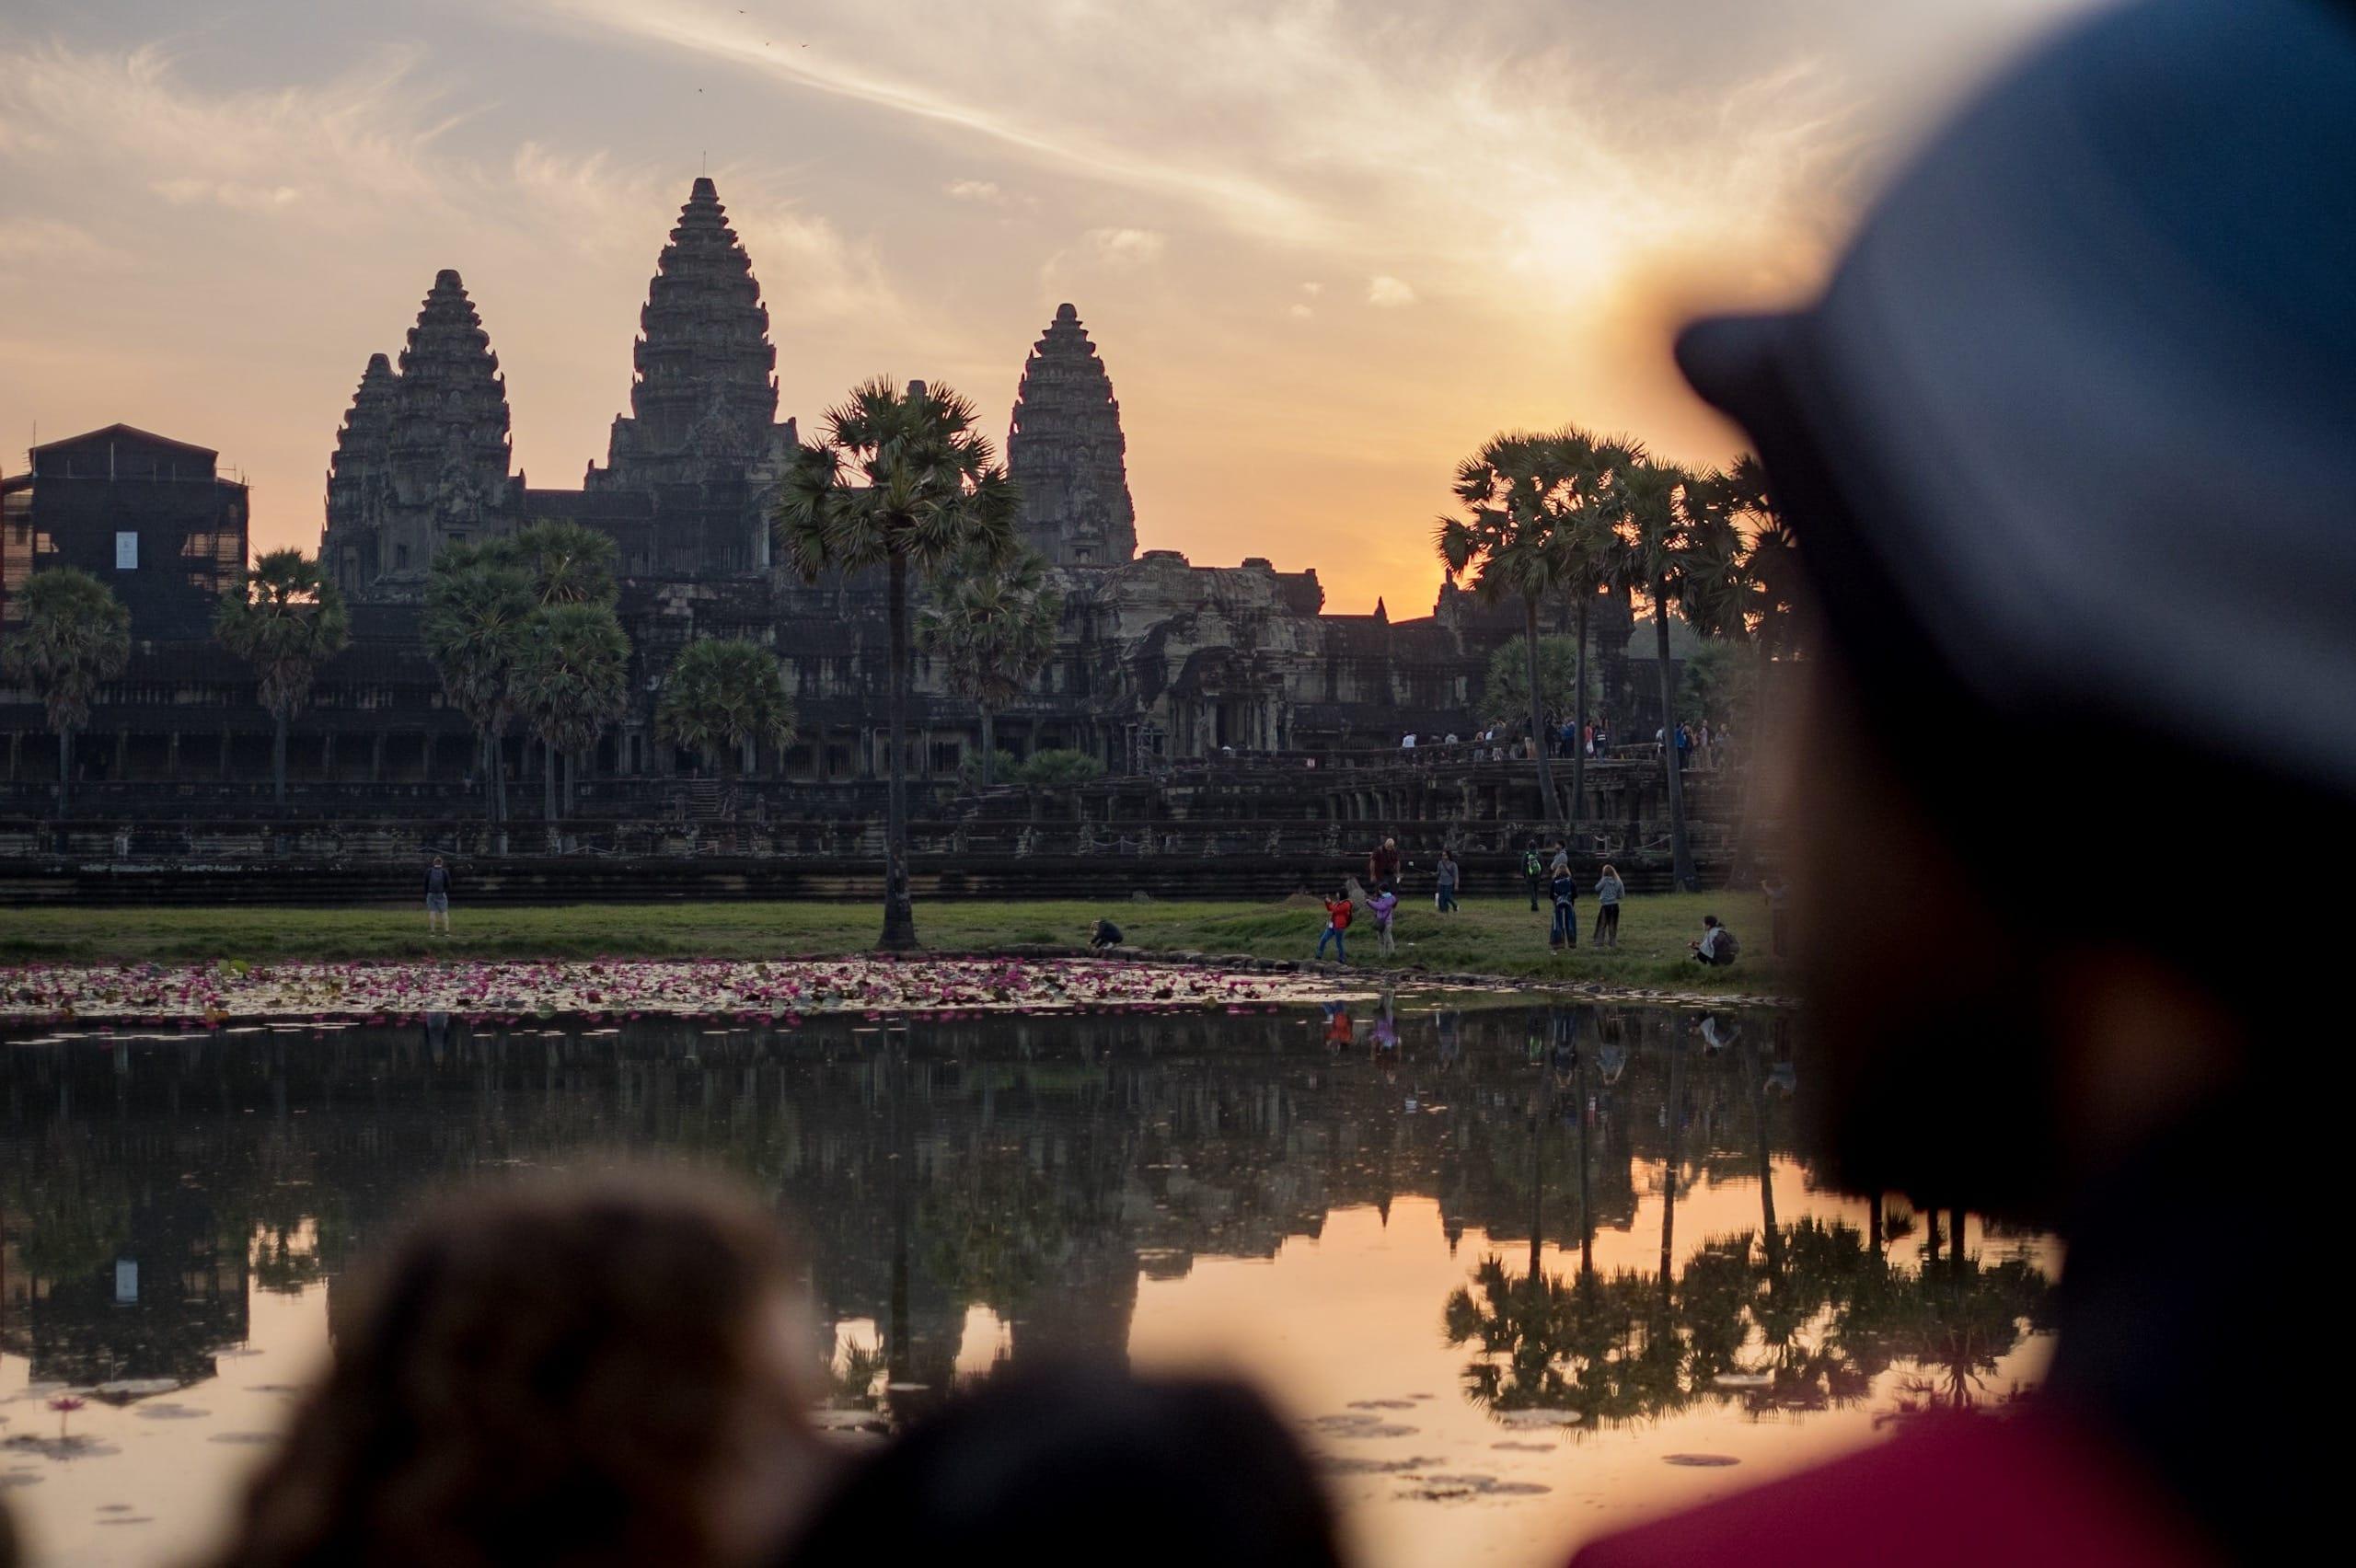 カンボジア旅行を快適に楽しむために。10日間の滞在費用と1週間の予算まとめ|カンボジア